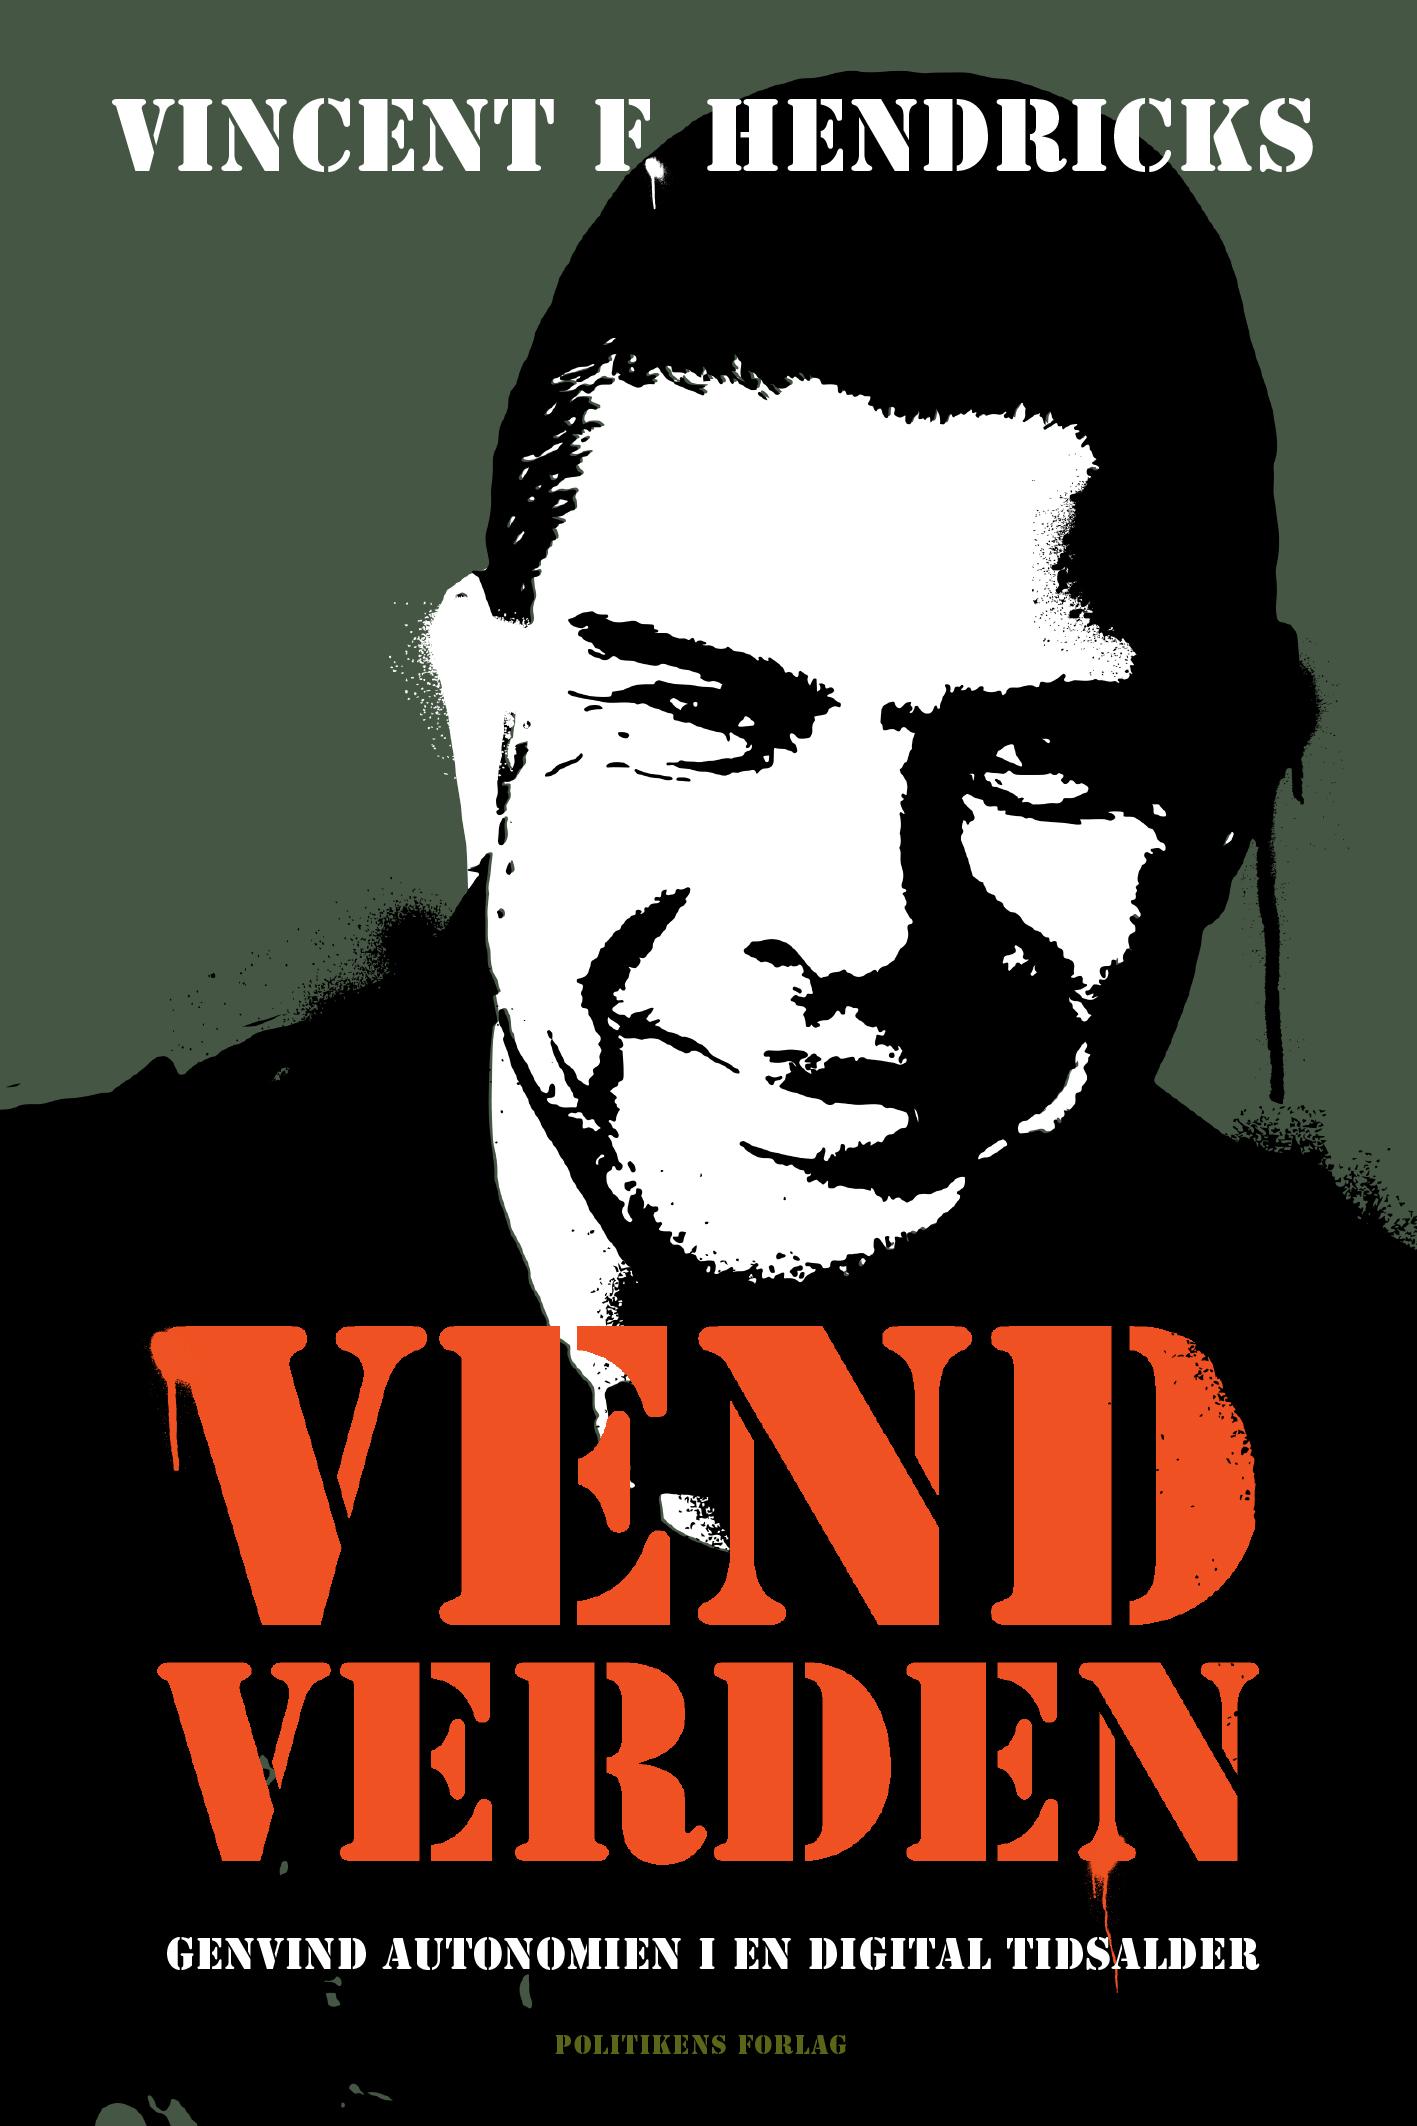 Vend verden - Vincent Hendricks - Bøger - Politikens Forlag - 9788740056938 - March 25, 2020